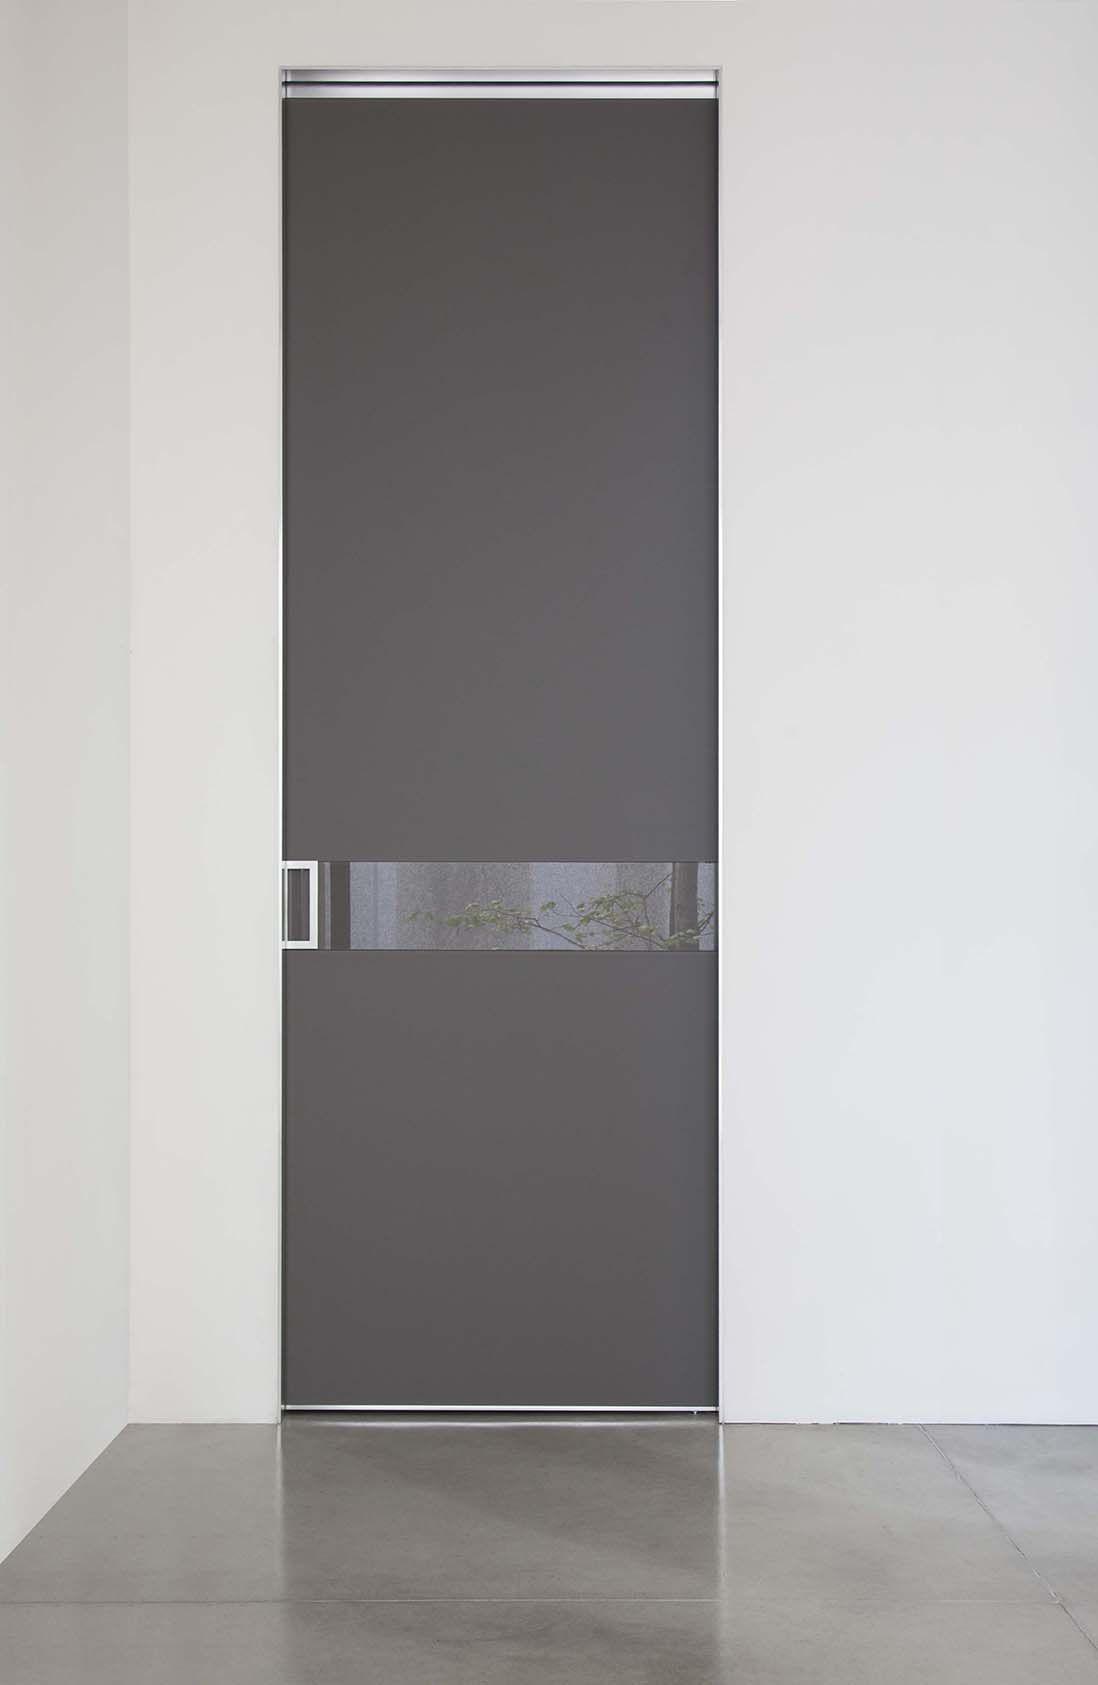 Porta scorrevole interno muro in vetro satinato grigio quarzo con ...